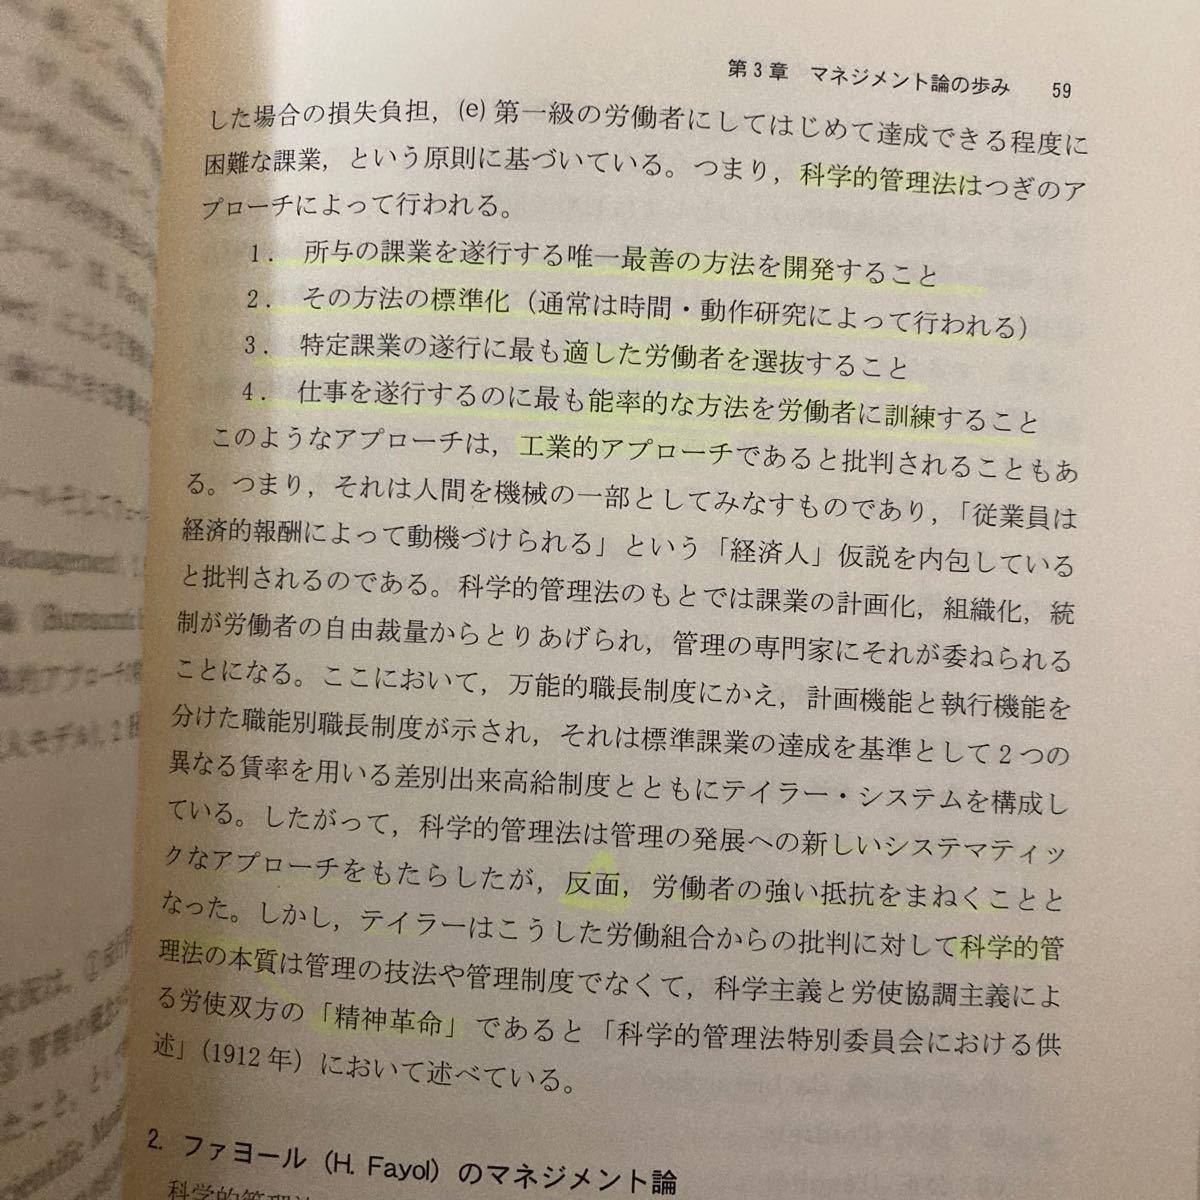 マネジメント/高橋正泰/木全晃/宇田川元一